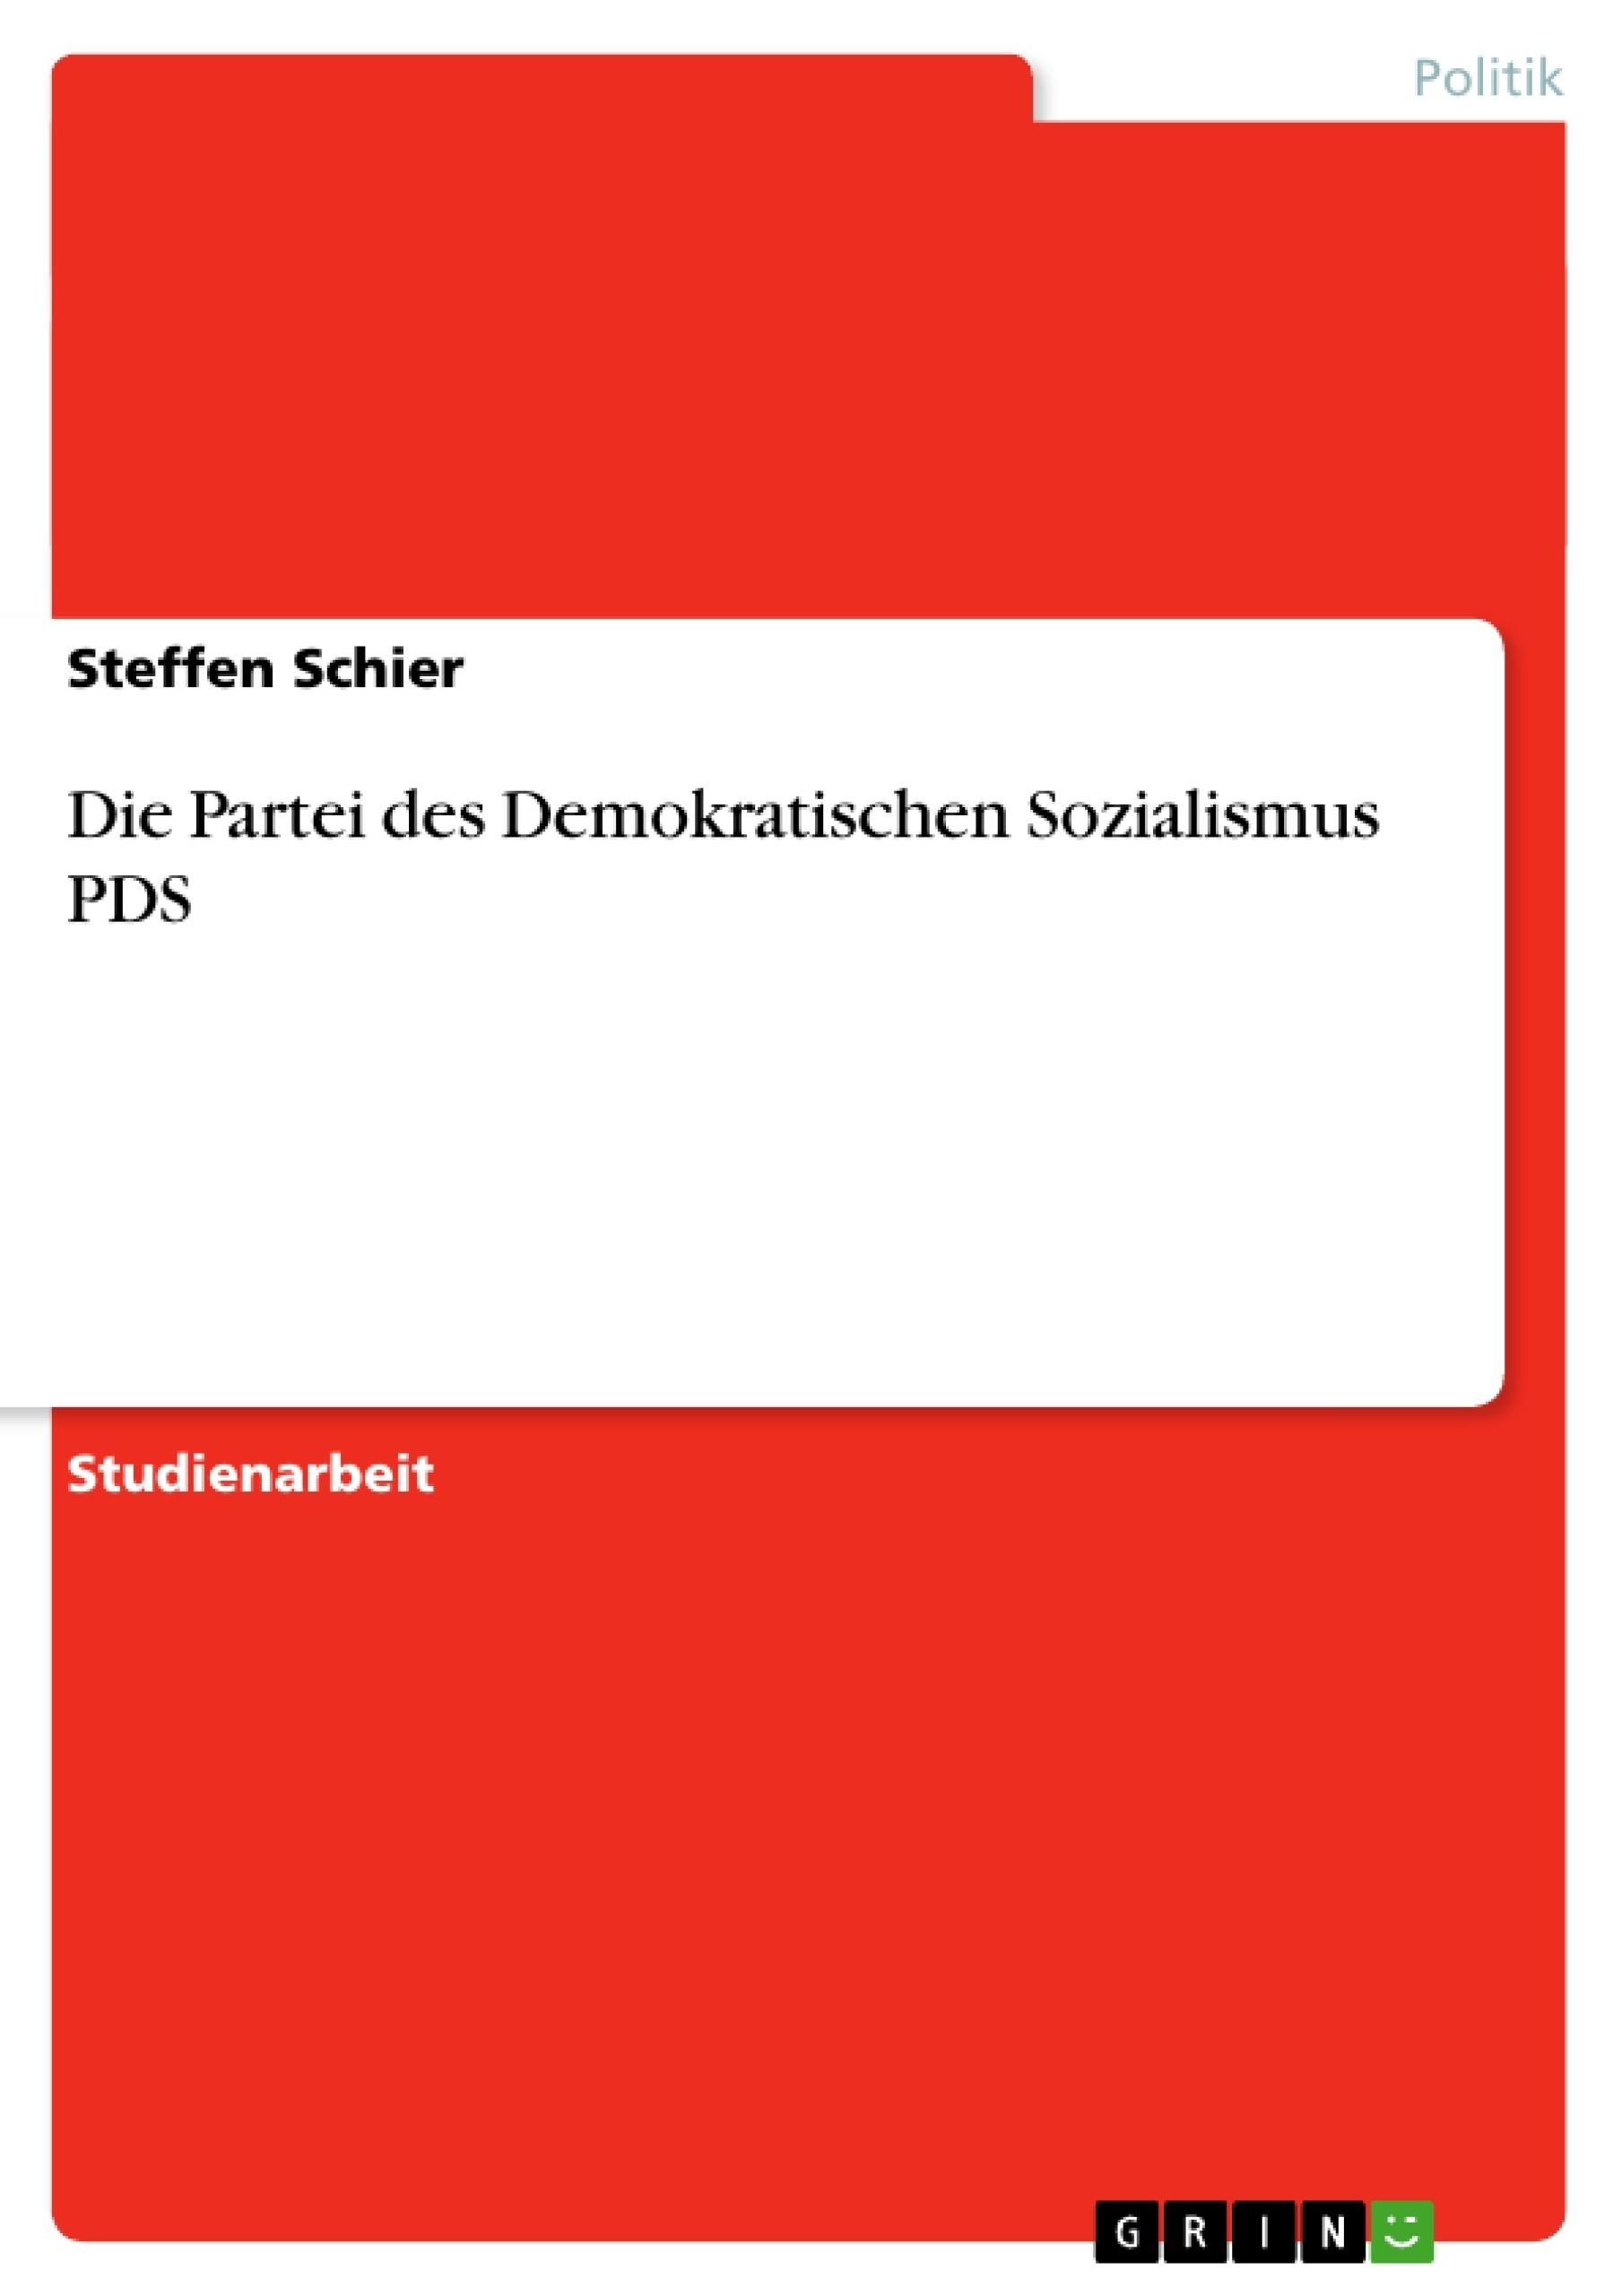 Titel: Die Partei des Demokratischen Sozialismus PDS